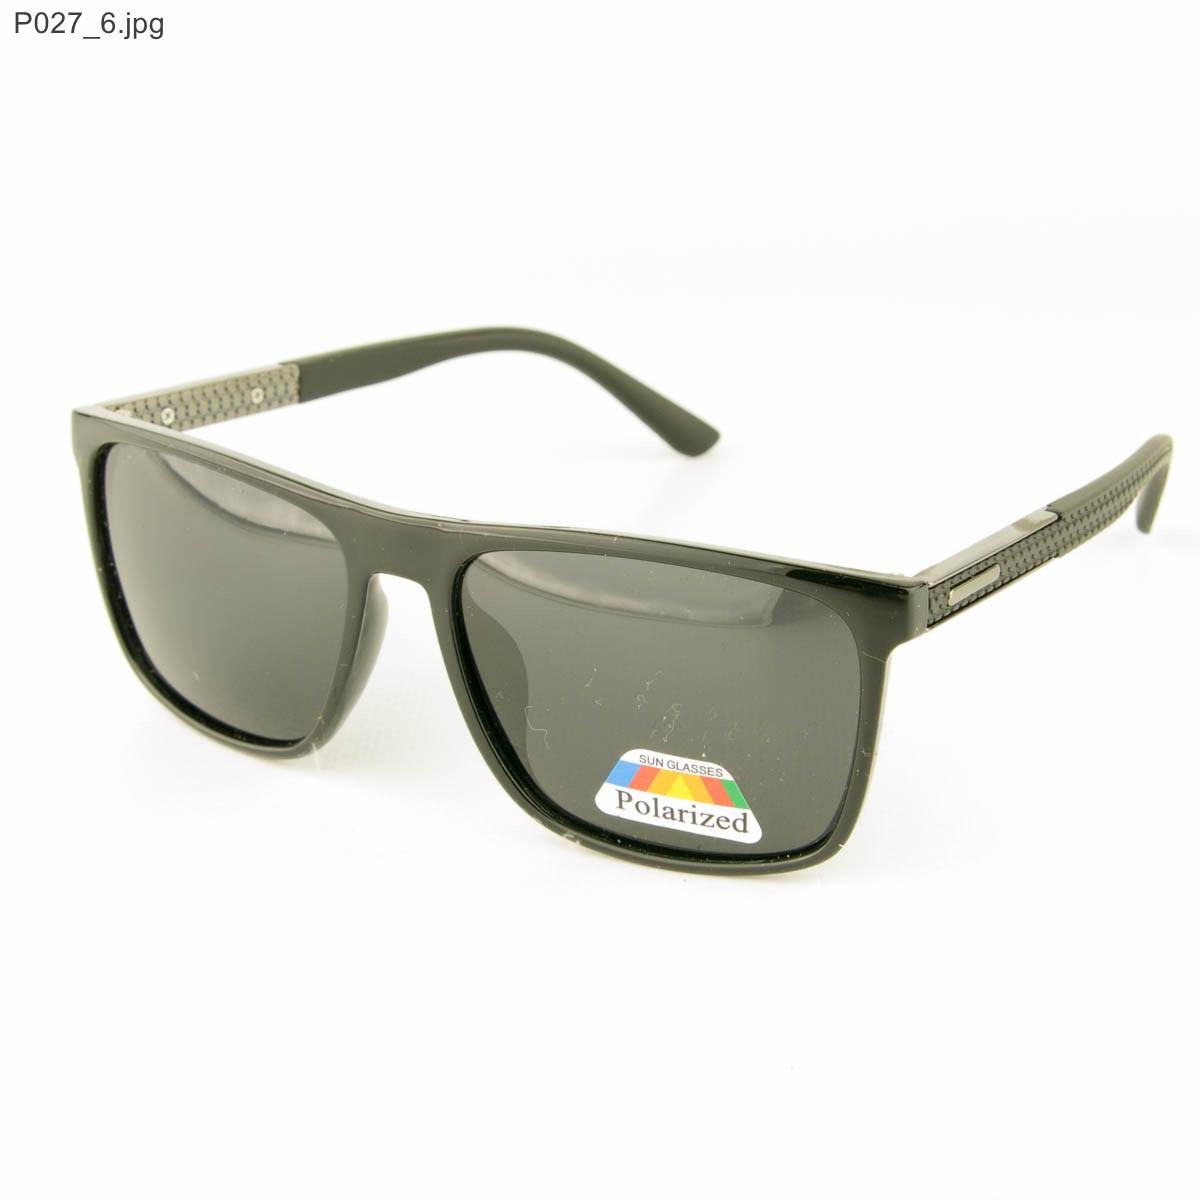 Мужские очки Polarized - Черные - P027, фото 1